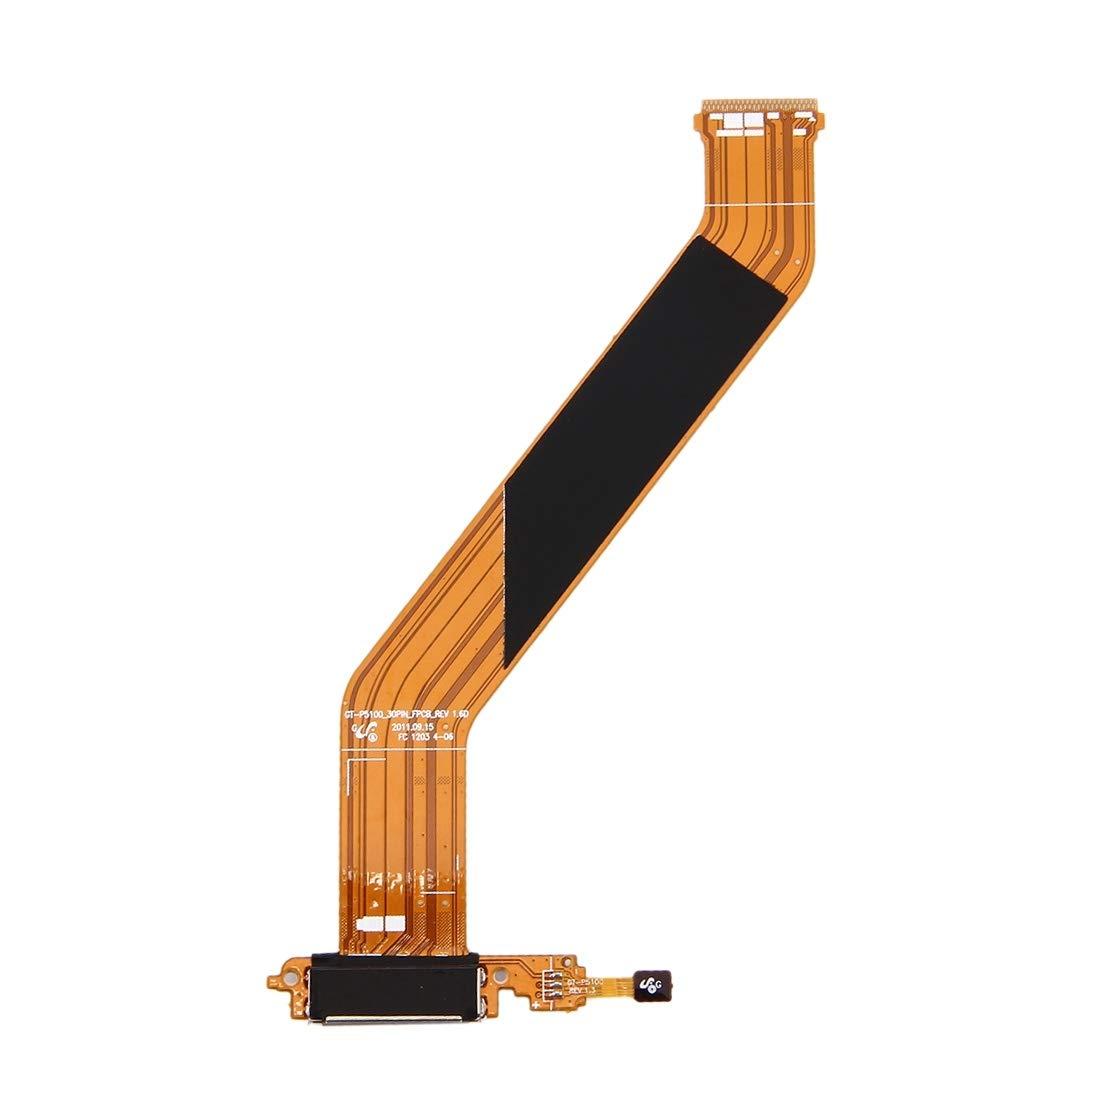 【レビューで送料無料】 部品交換用パーツ Samsung Galaxy Tab 2 2/ (10.1)/ P5100用高品質バージョンテールプラグフレックスケーブル B07QTKD3DH B07QTKD3DH, 花もぐら:5c7d48f7 --- a0267596.xsph.ru